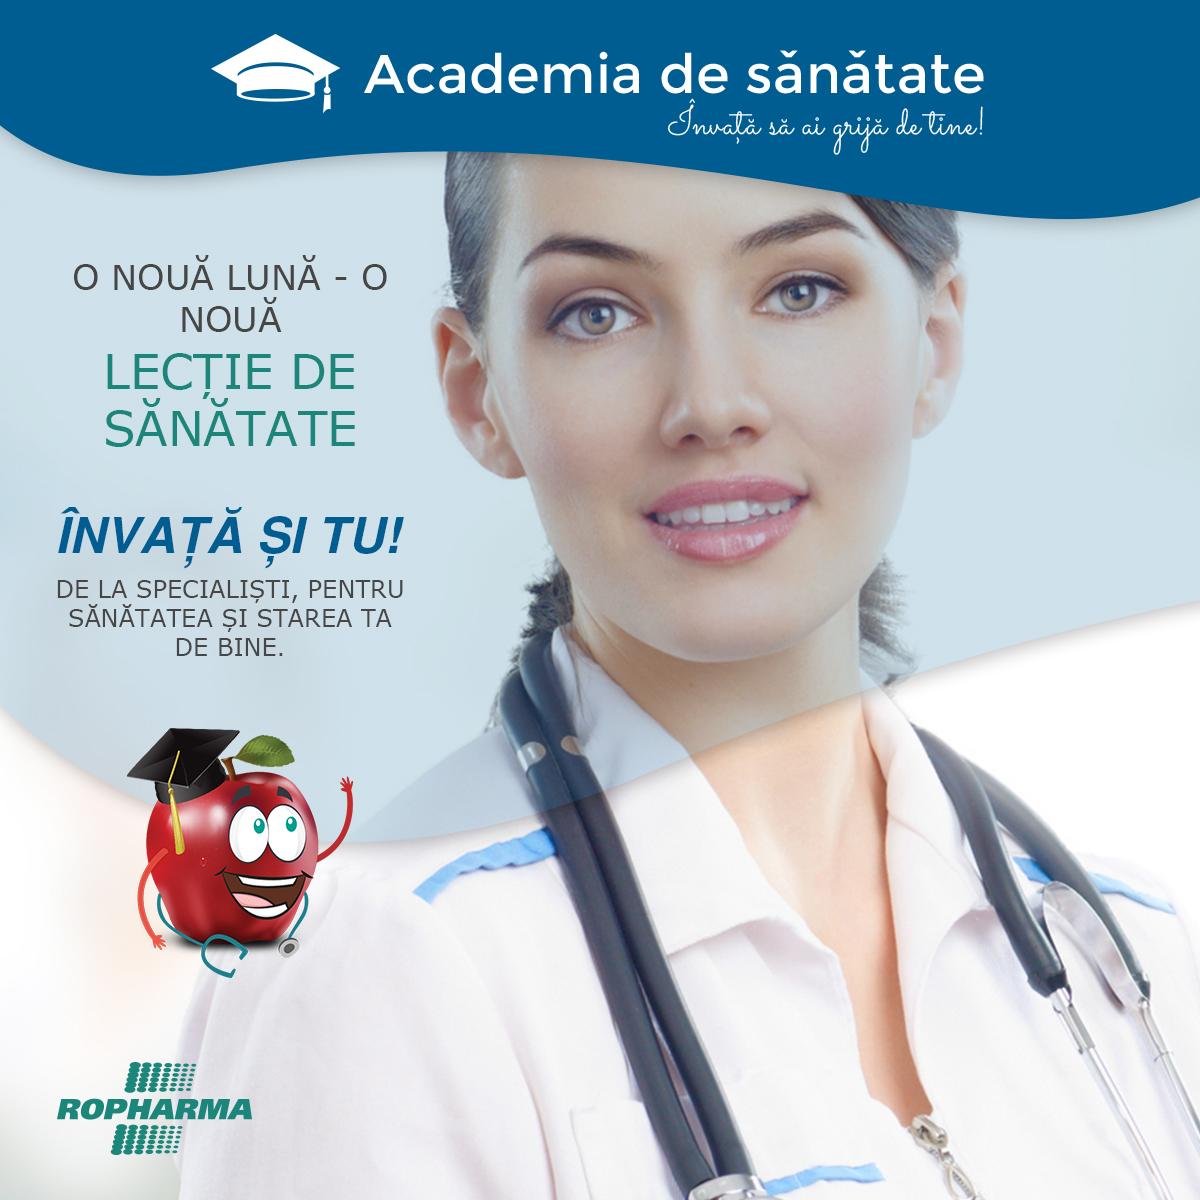 Academia de Sănătate Ropharma – un nou concept de informare, prevenție și tratament